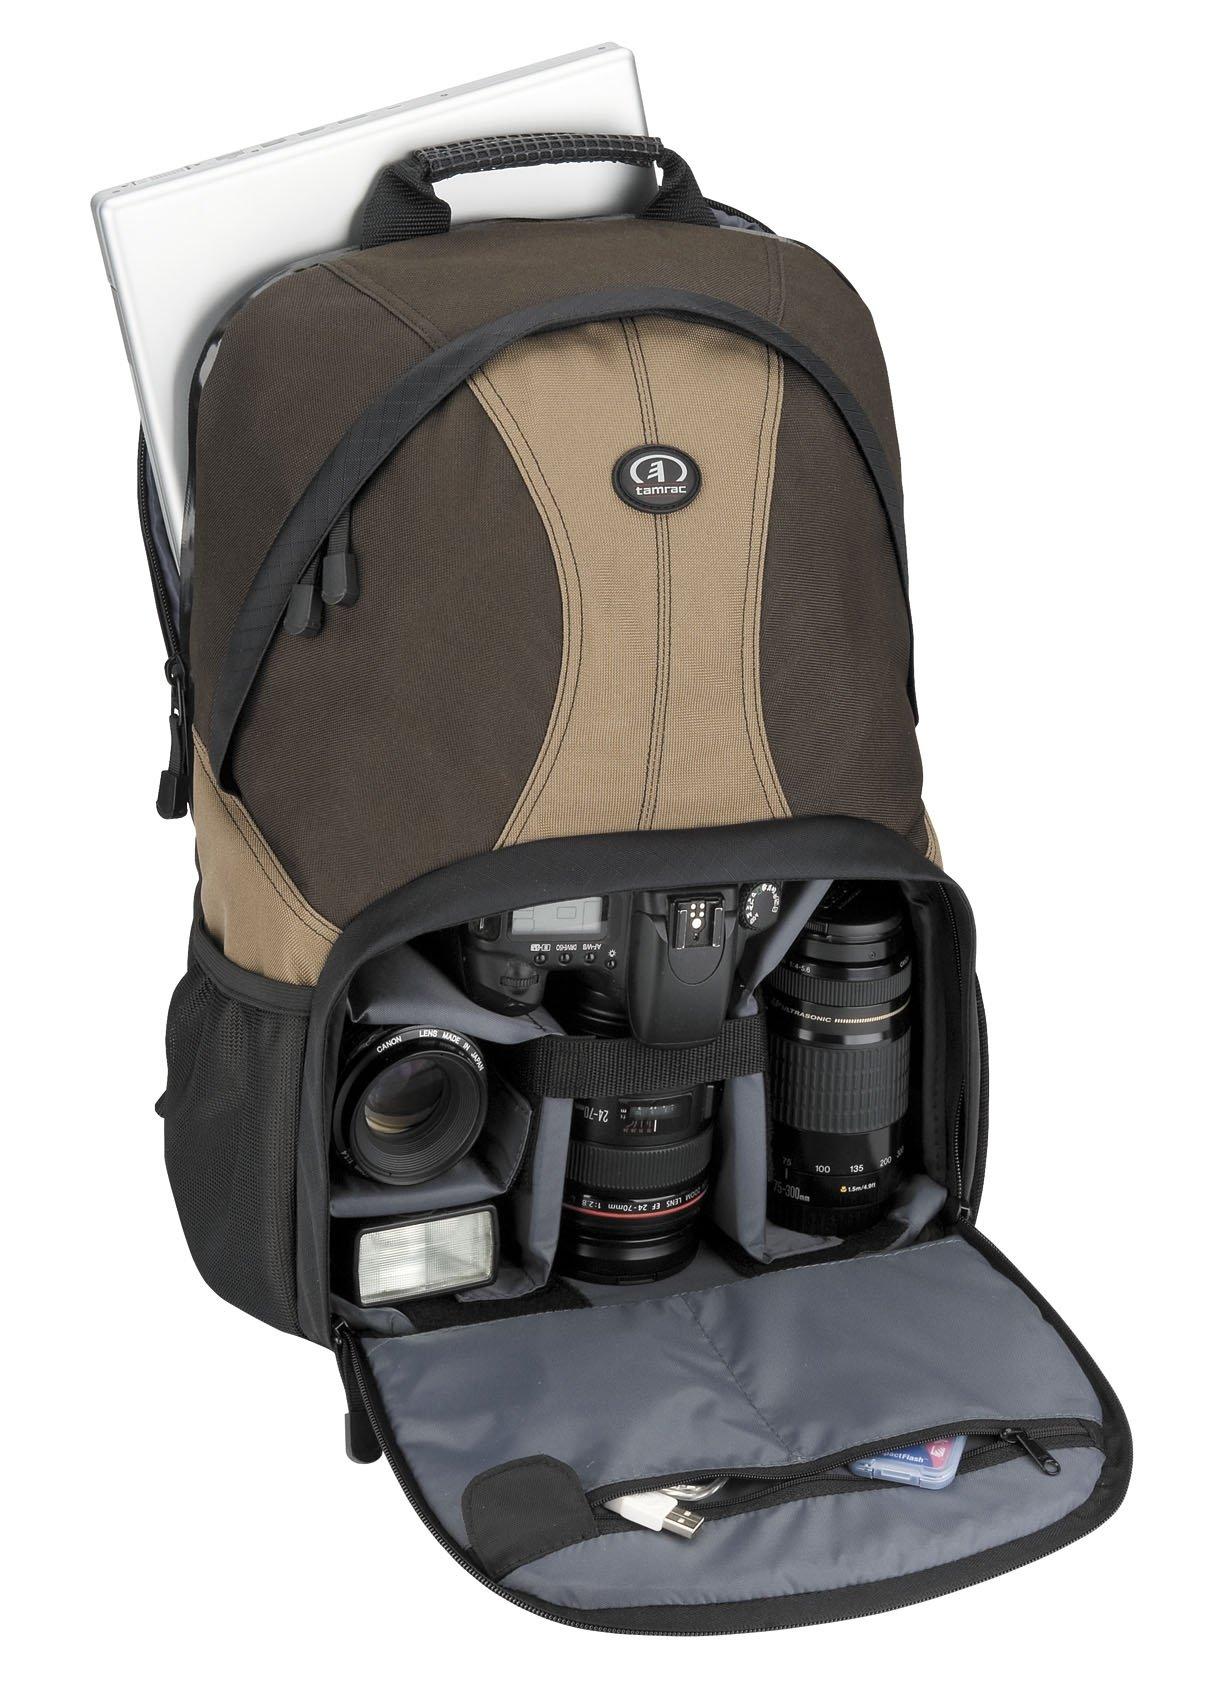 Tamrac 3380 Aero 80 Photo/Laptop Backpack (Brown/Tan) by Tamrac